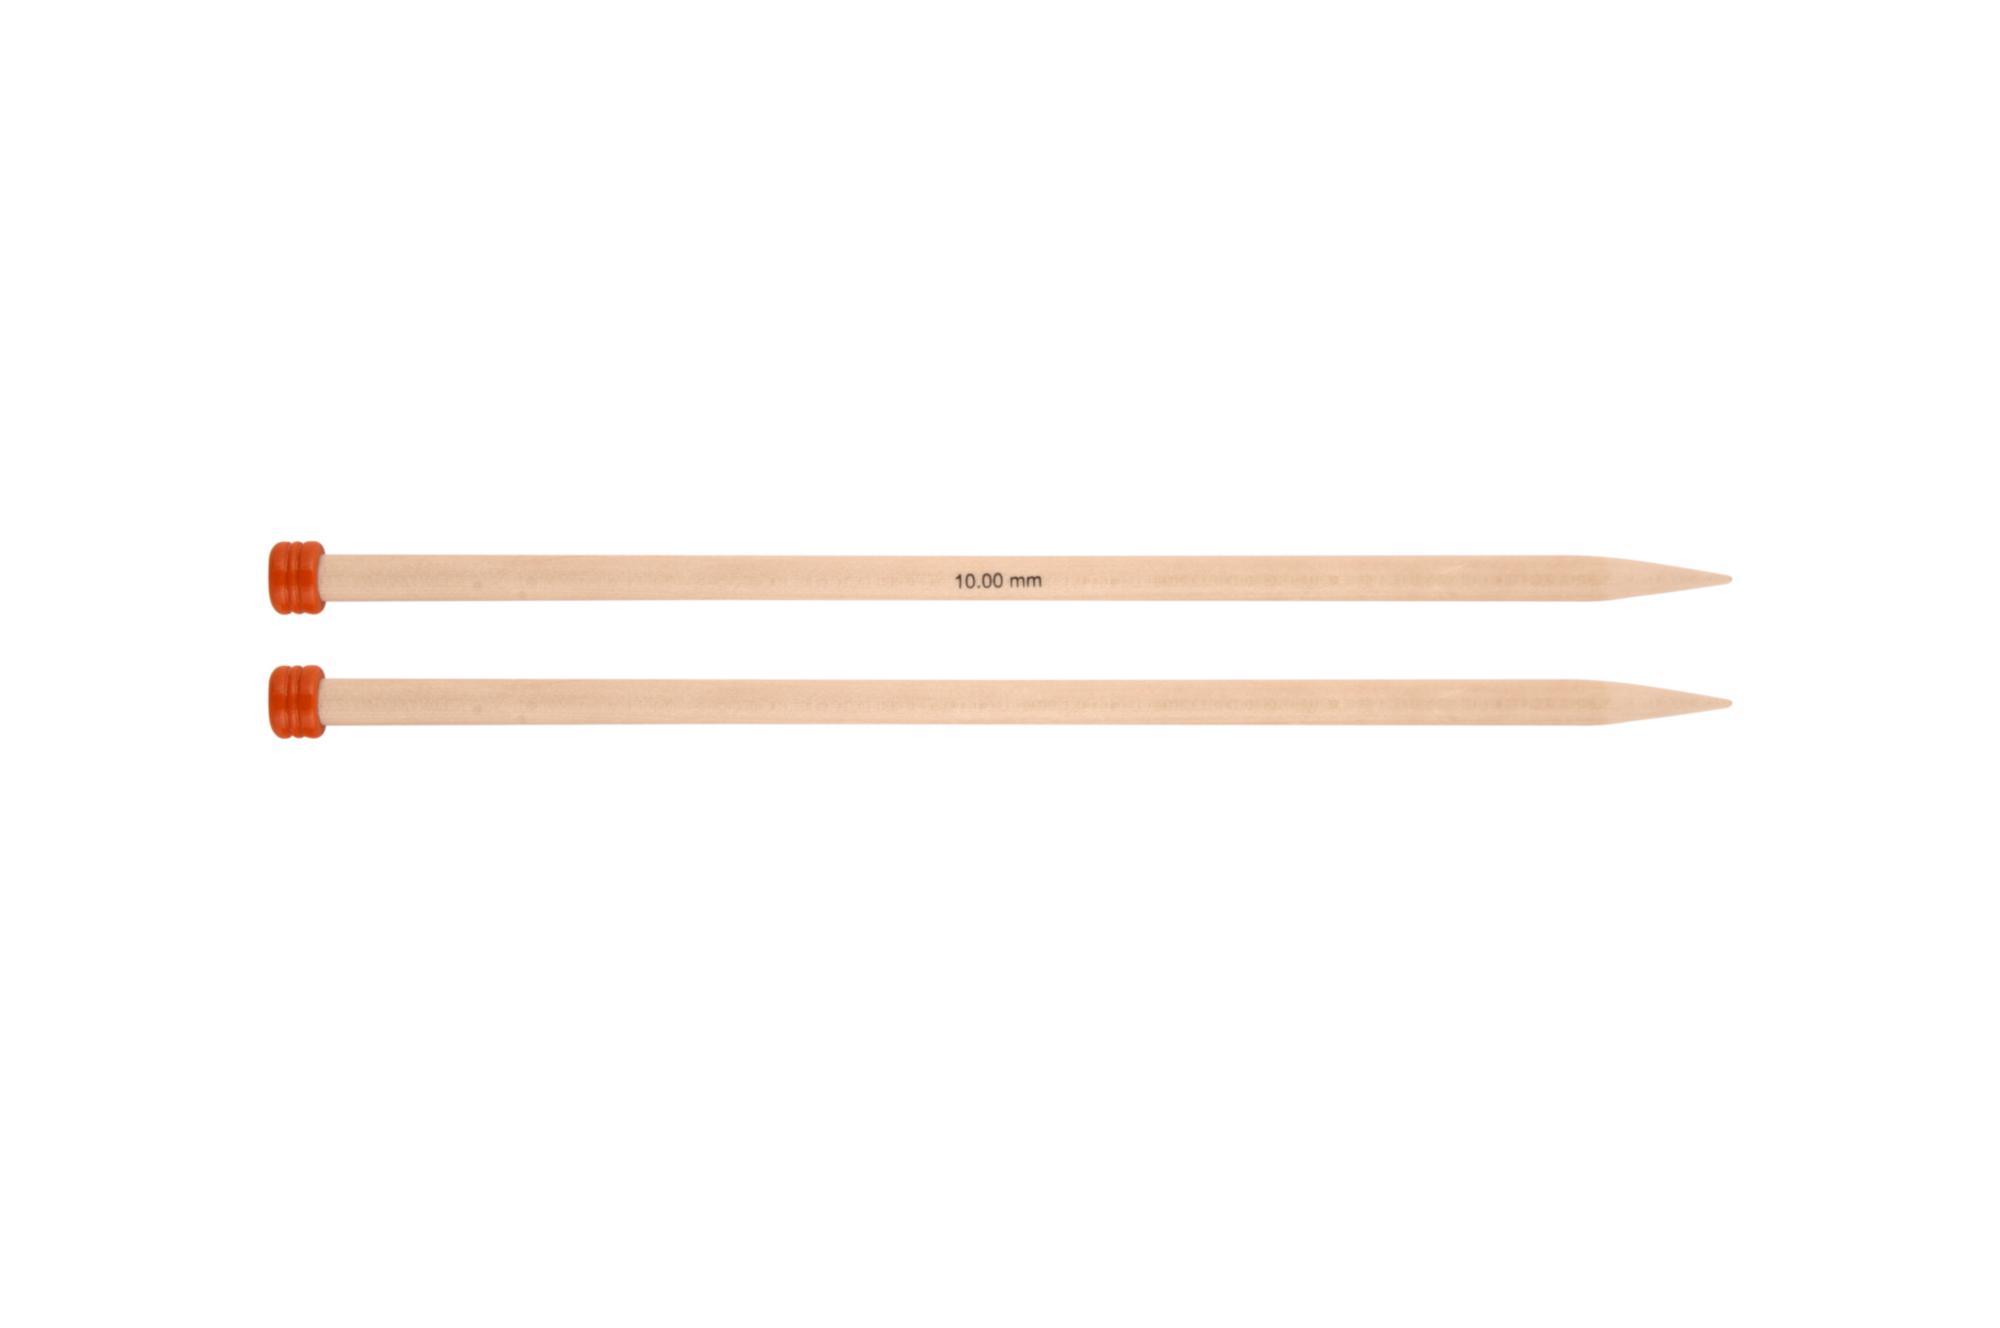 Спицы прямые 35 см Basix Birch Wood KnitPro, 35268, 12.00 мм